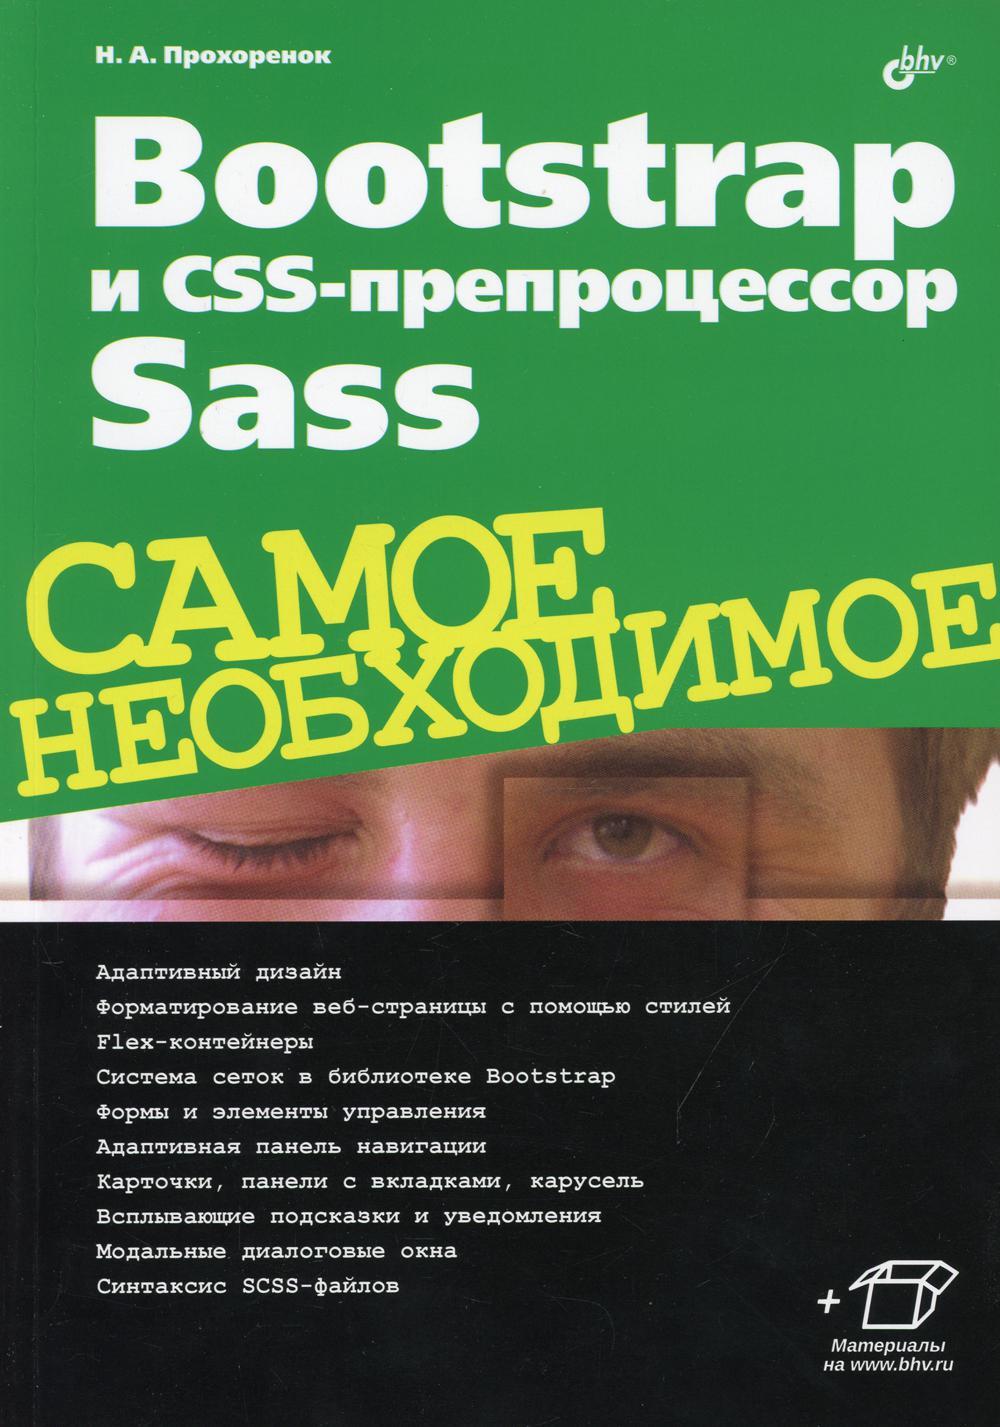 Bootstrap и CSS-препроцессор Sass. Самое необходимое